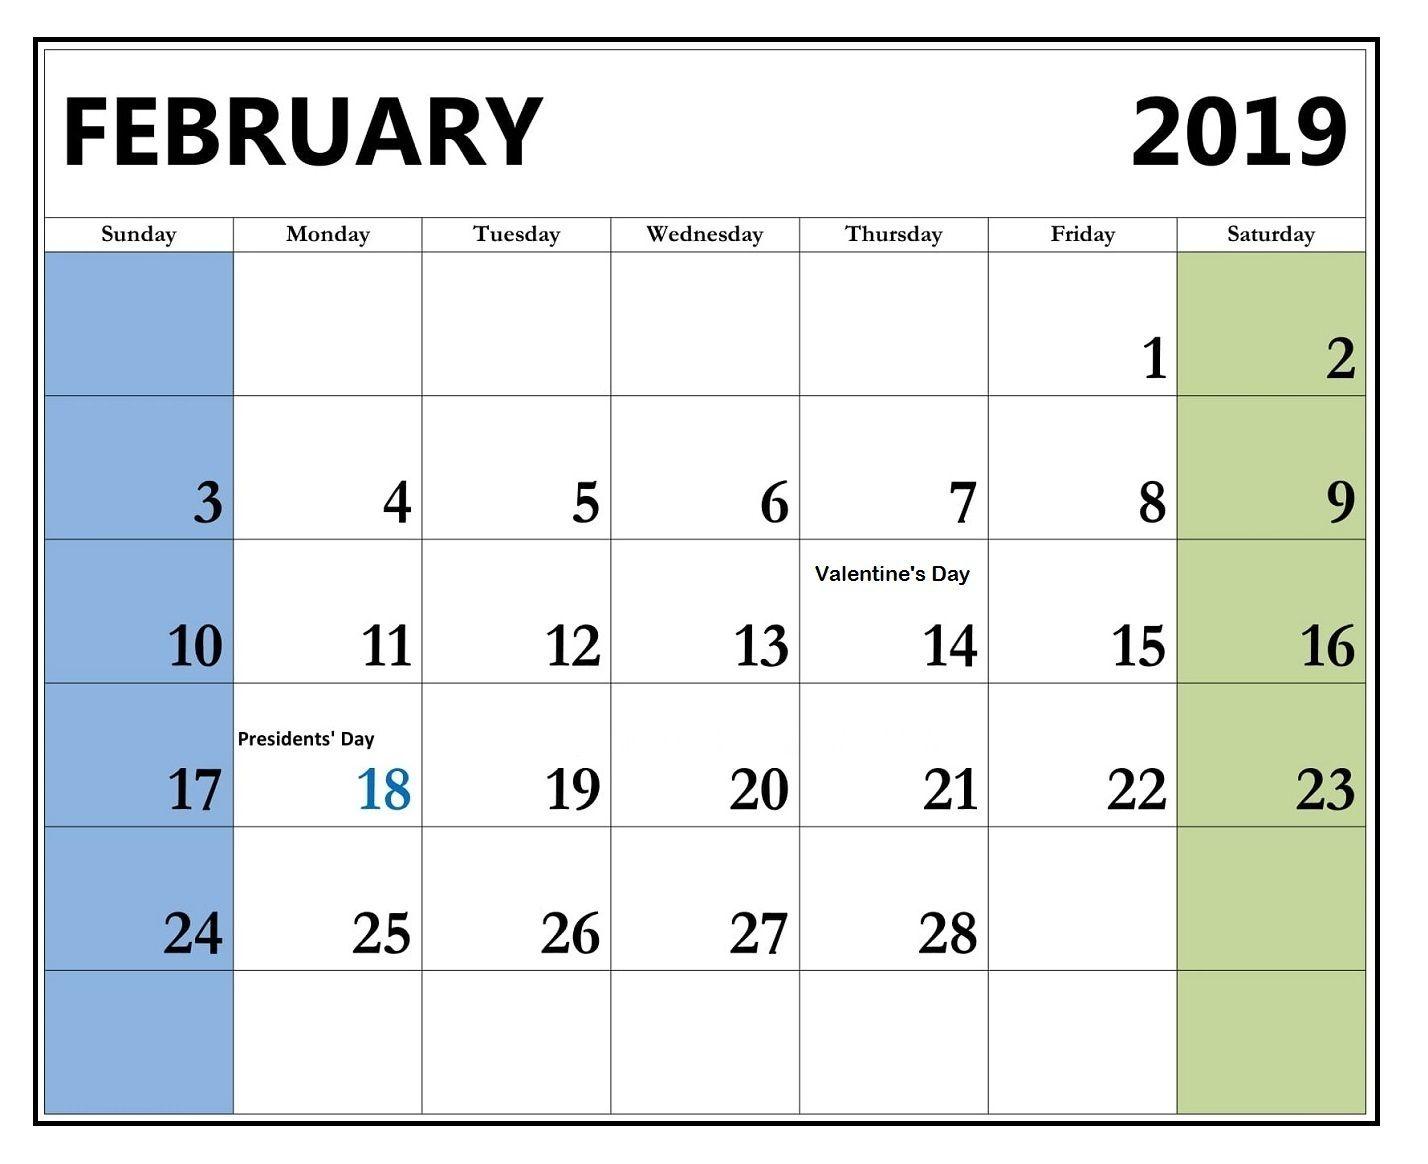 February 2019 Calendar With Holidays 2019 Calendar Holiday Printables Calendar